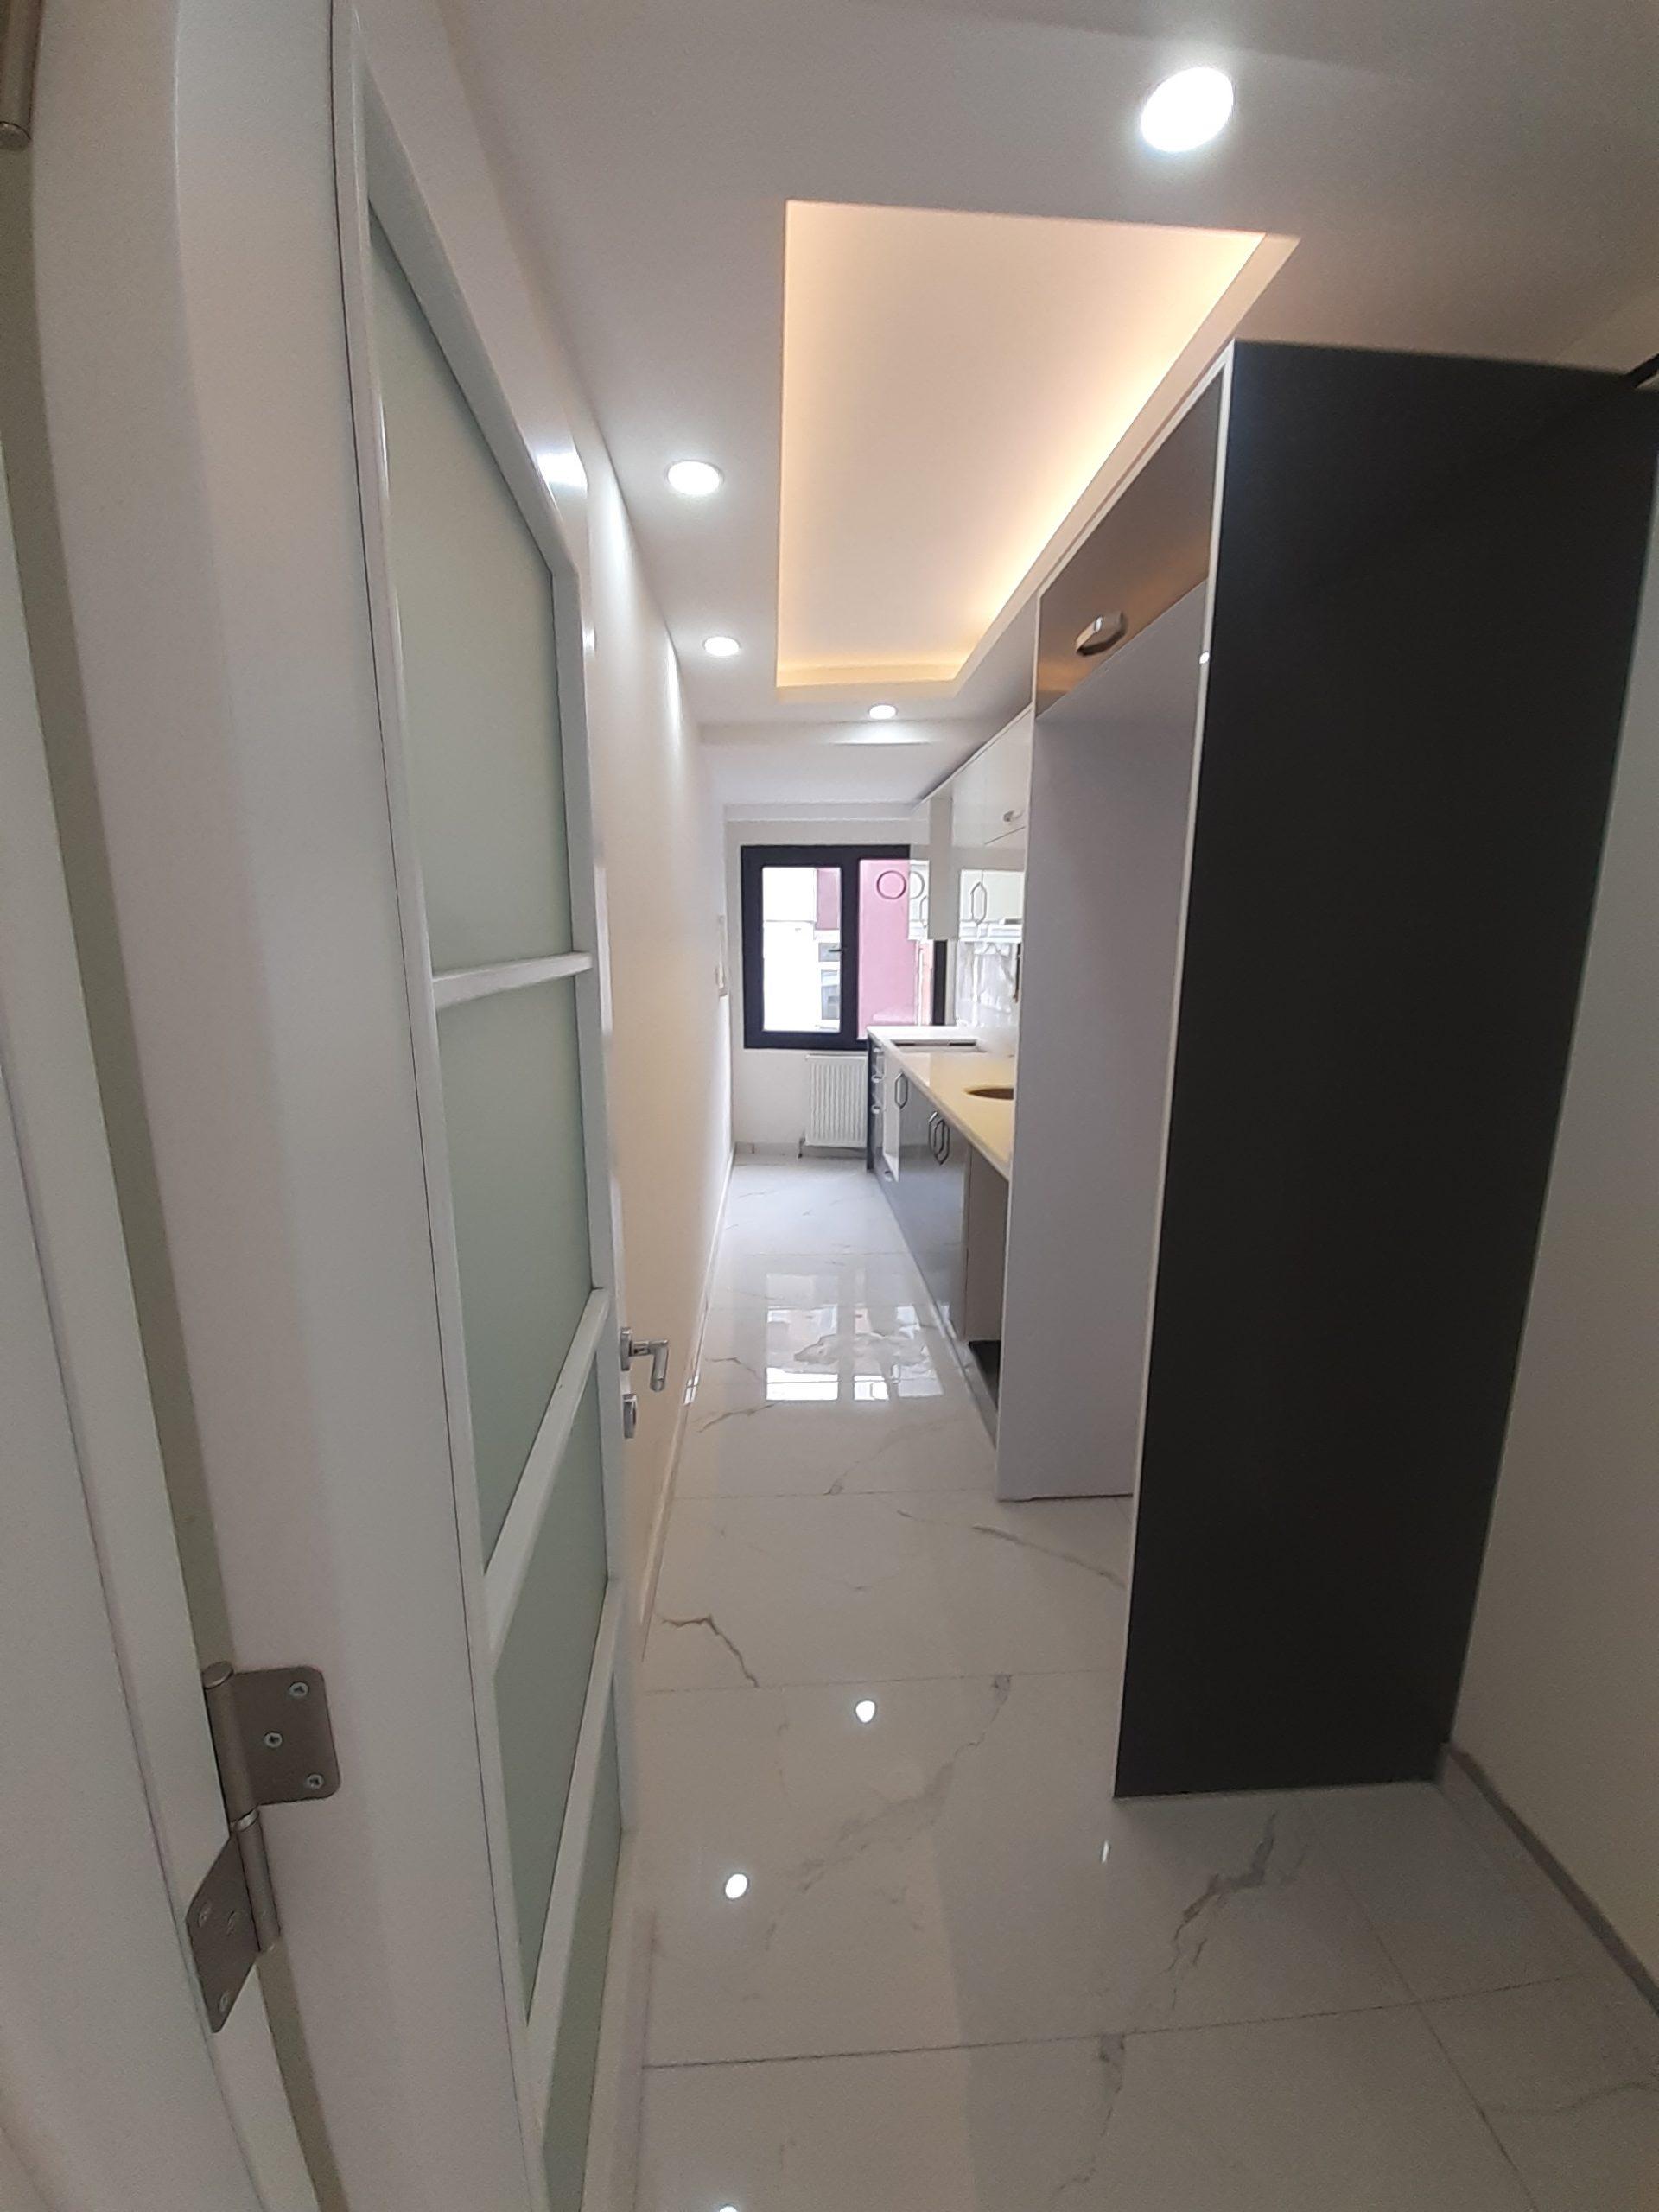 Комфортабельные апартаменты в районе Кагытхане - Фото 10